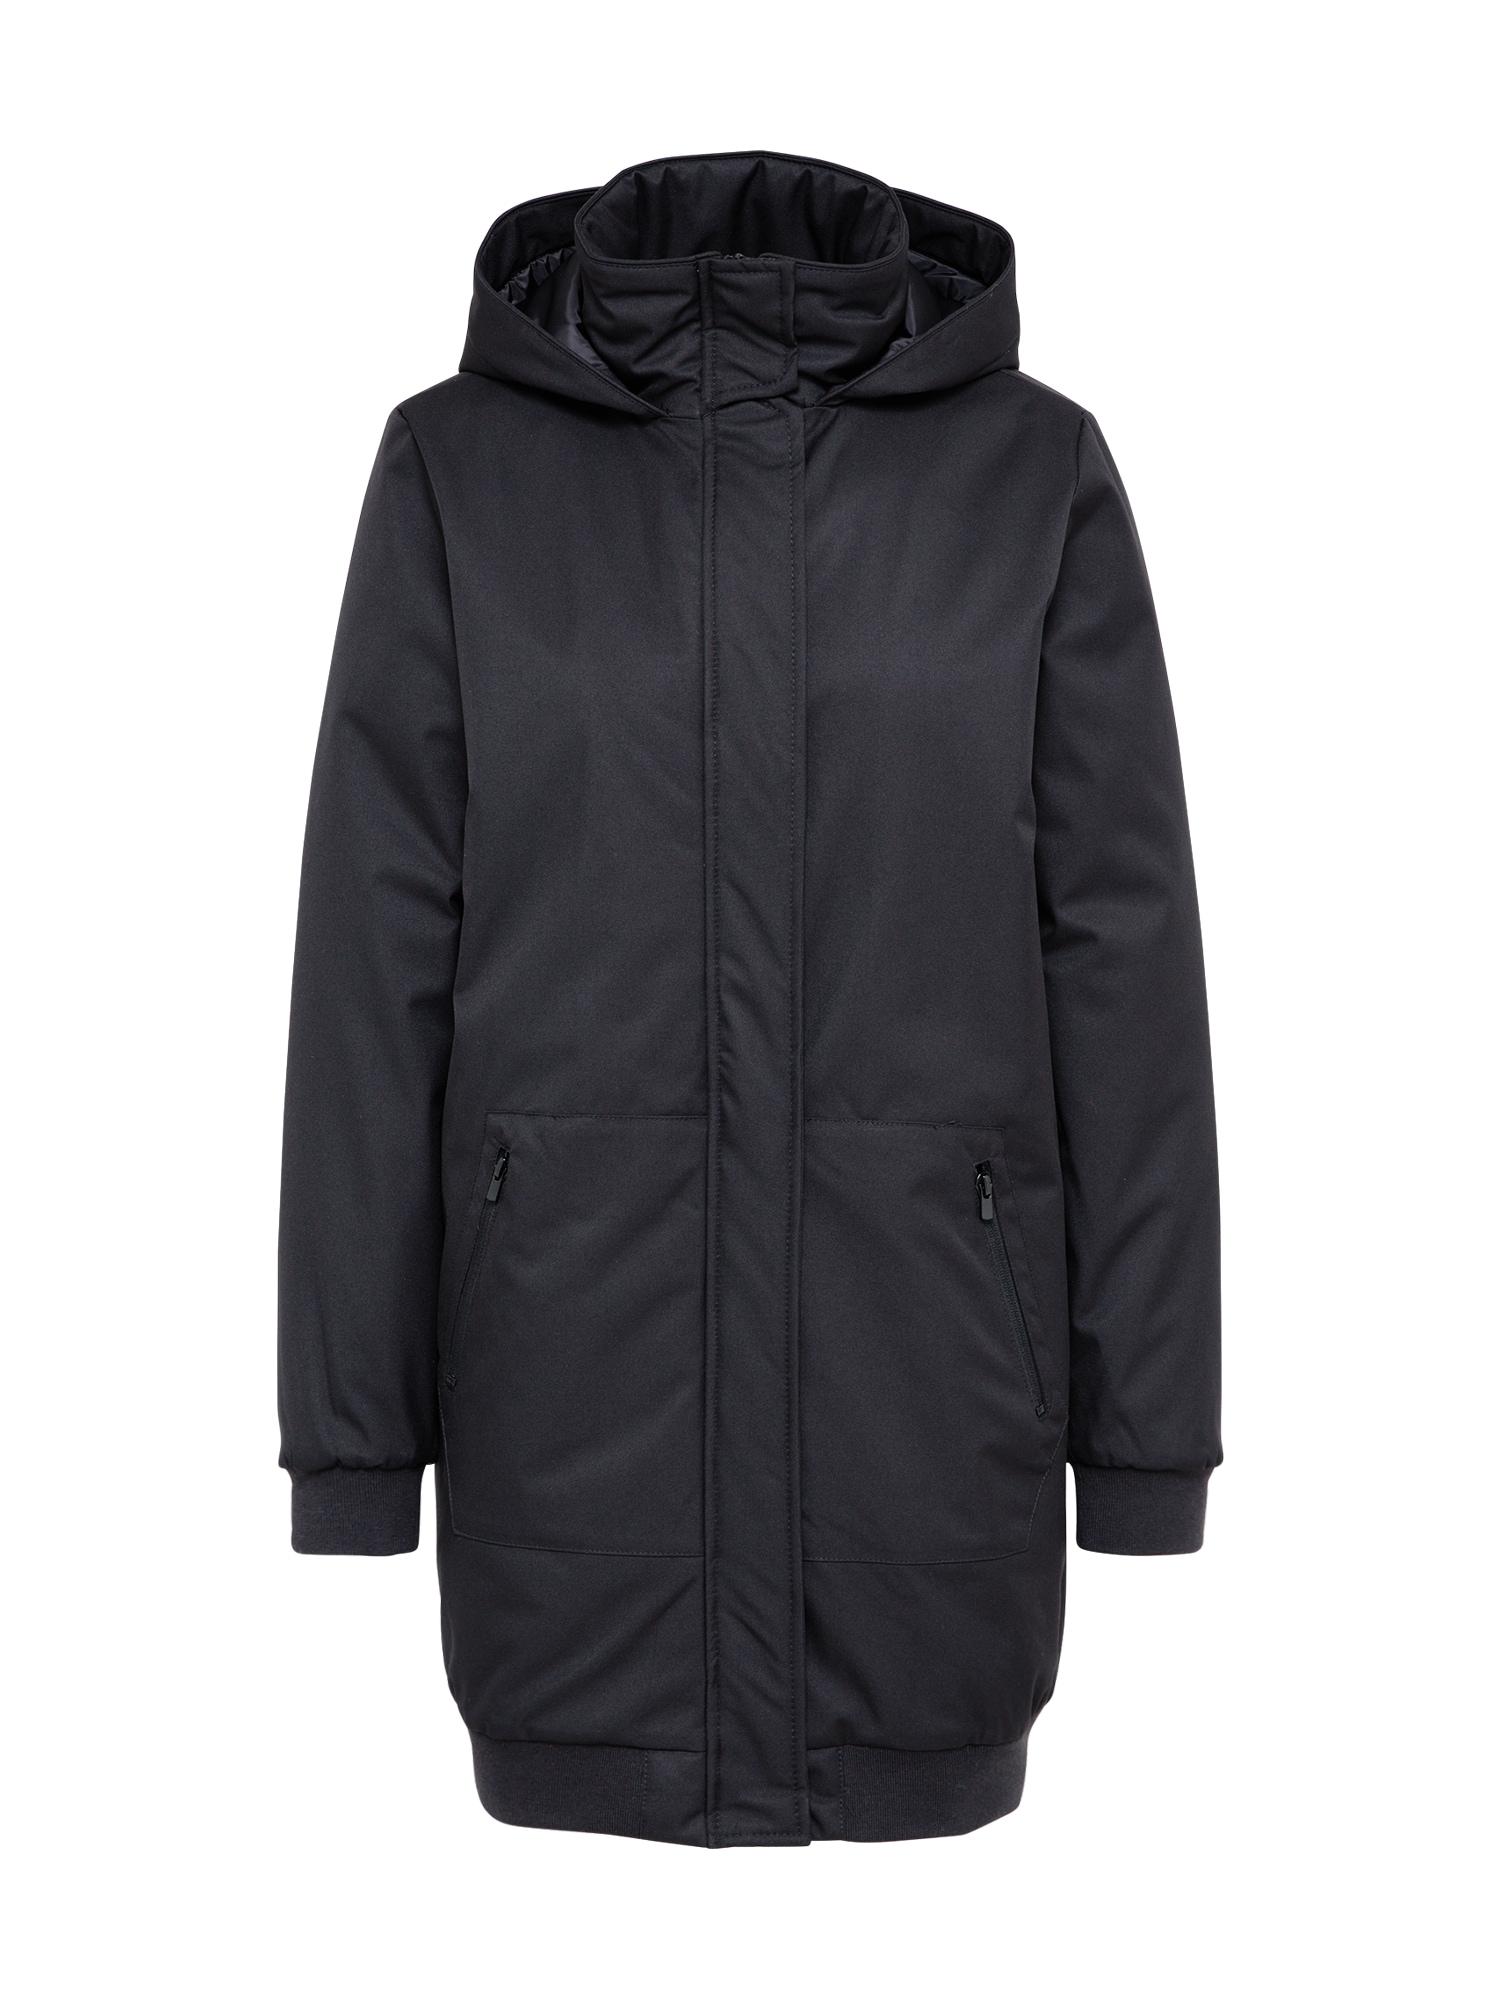 Zimní bunda Walker Way černá MOSS COPENHAGEN